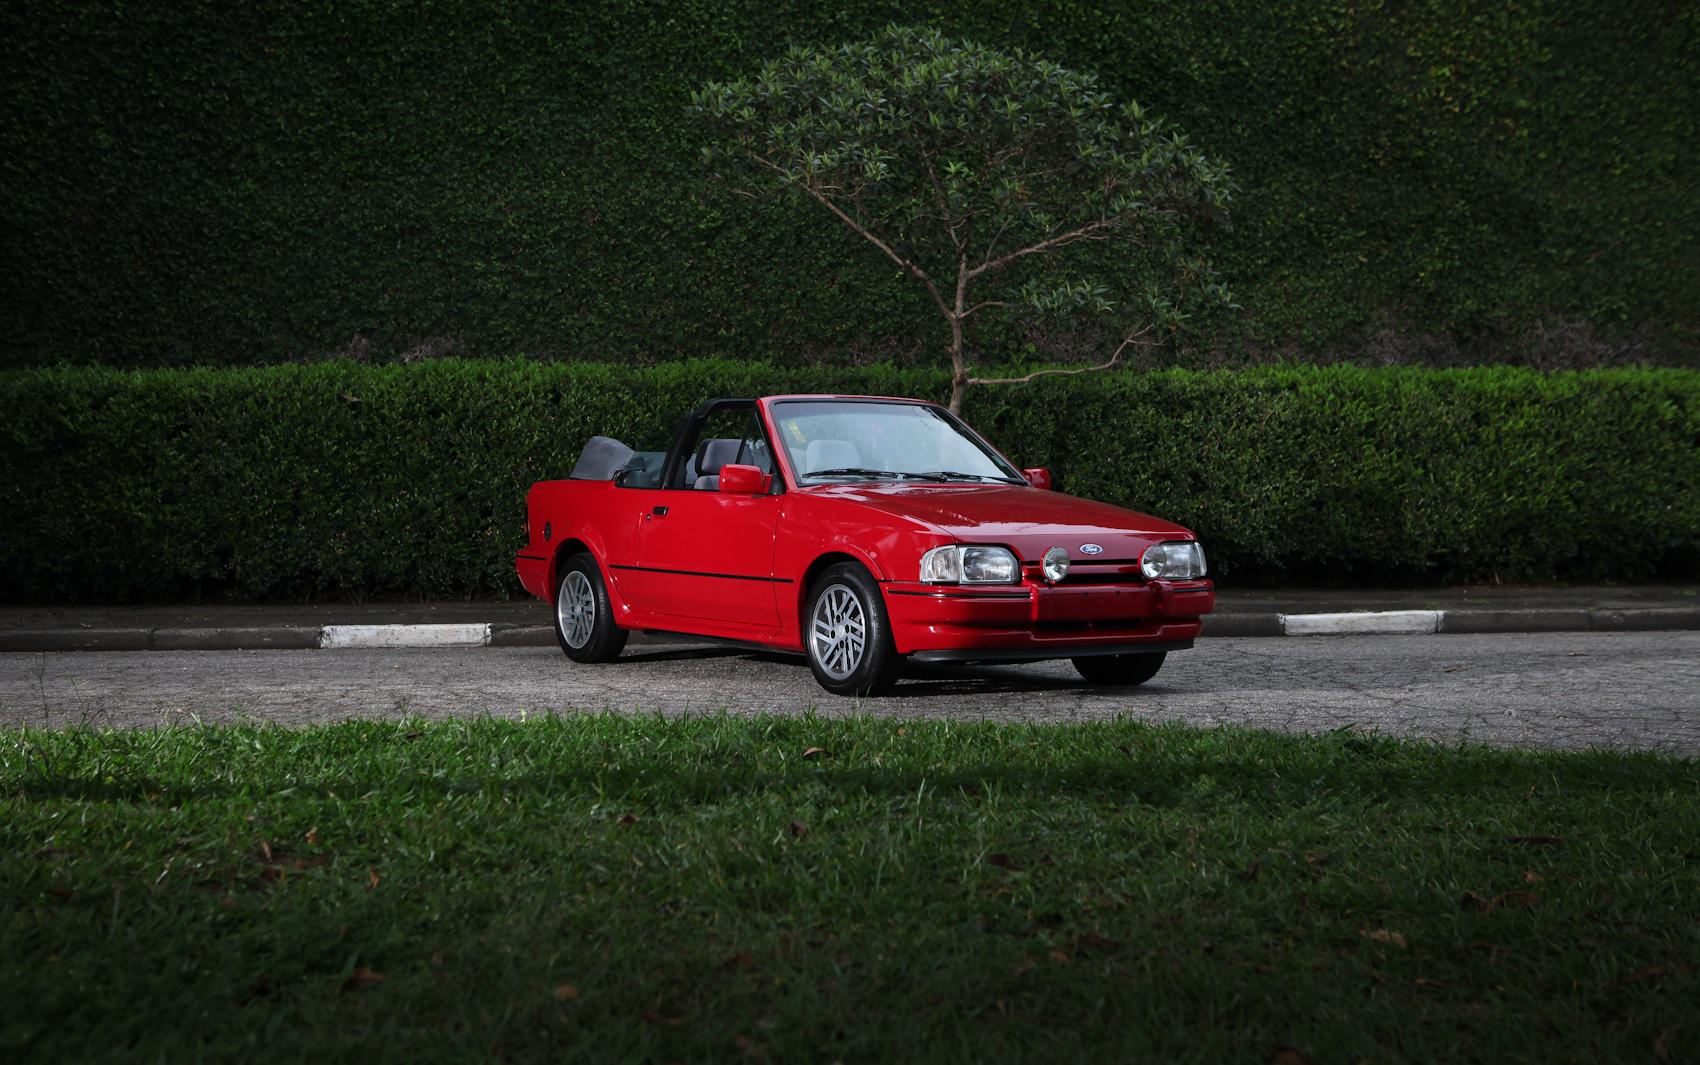 Ford Escort XR3 1992